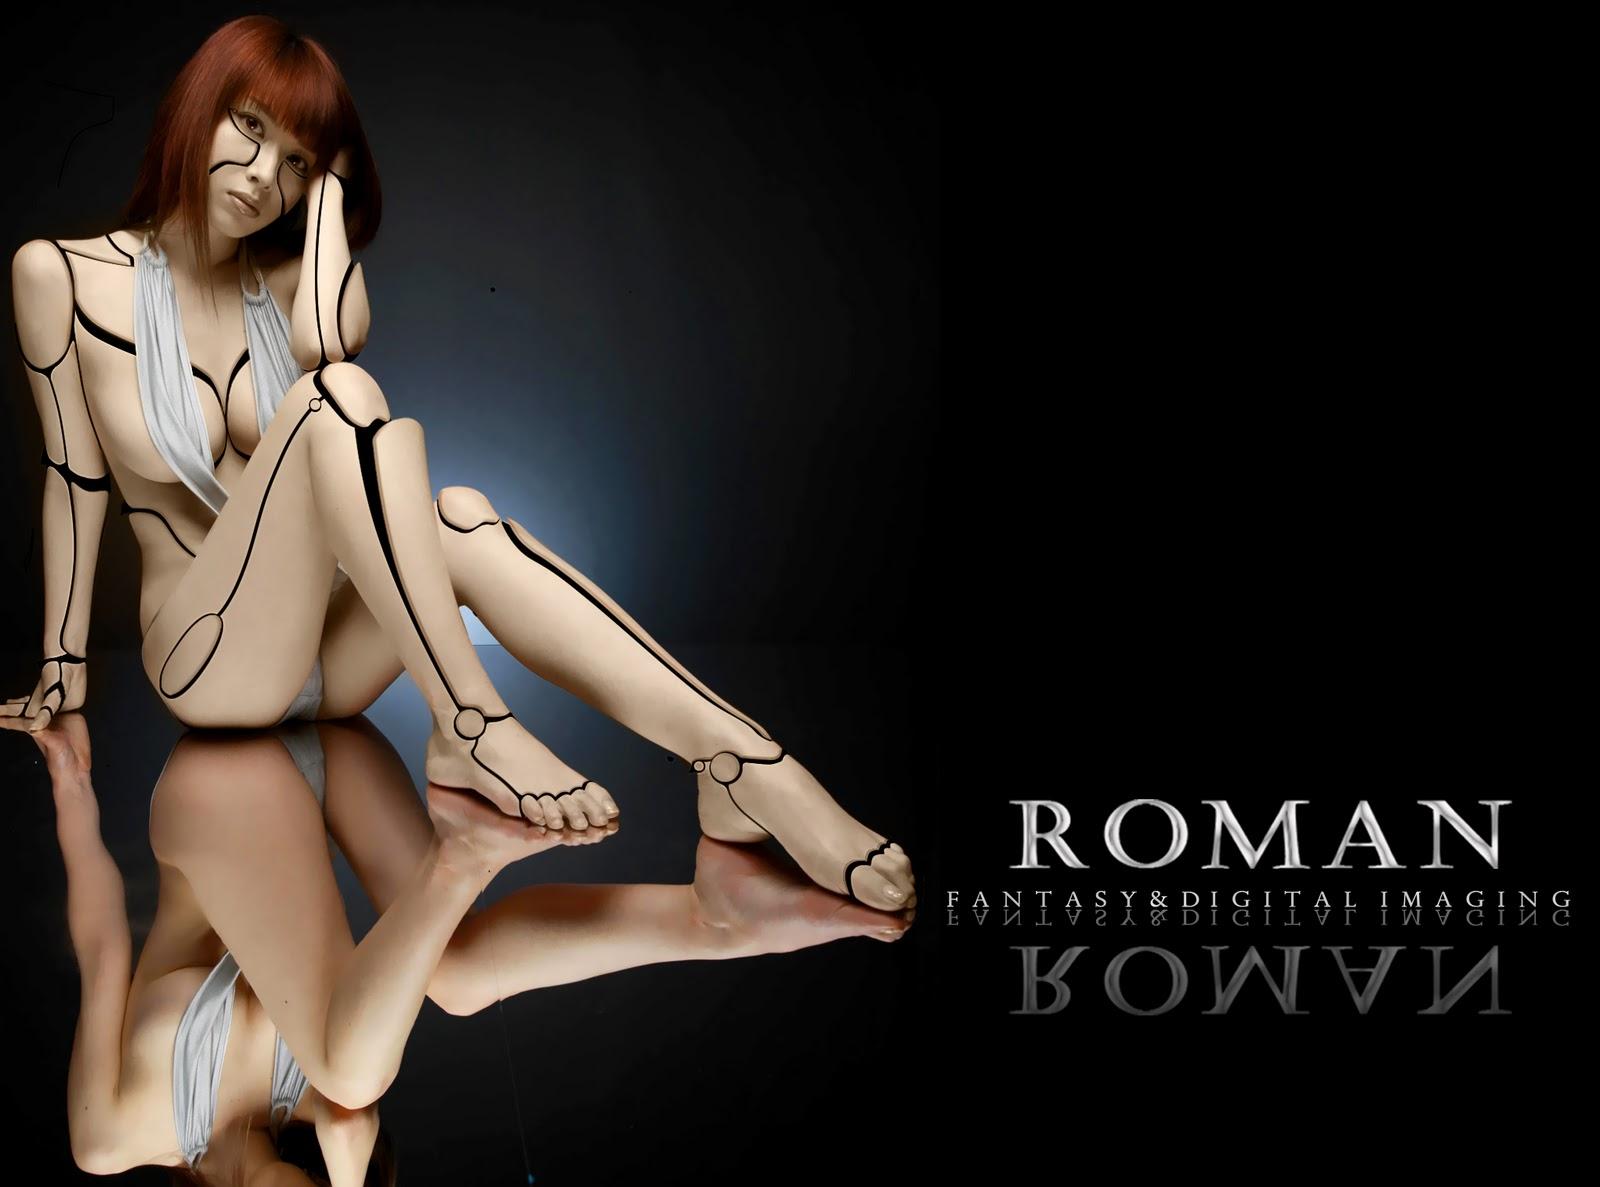 http://4.bp.blogspot.com/_IFZbEvcrQ9s/TU7BMLAqTRI/AAAAAAAAADs/L-5WMBeqc5A/s1600/human+robot2.jpg